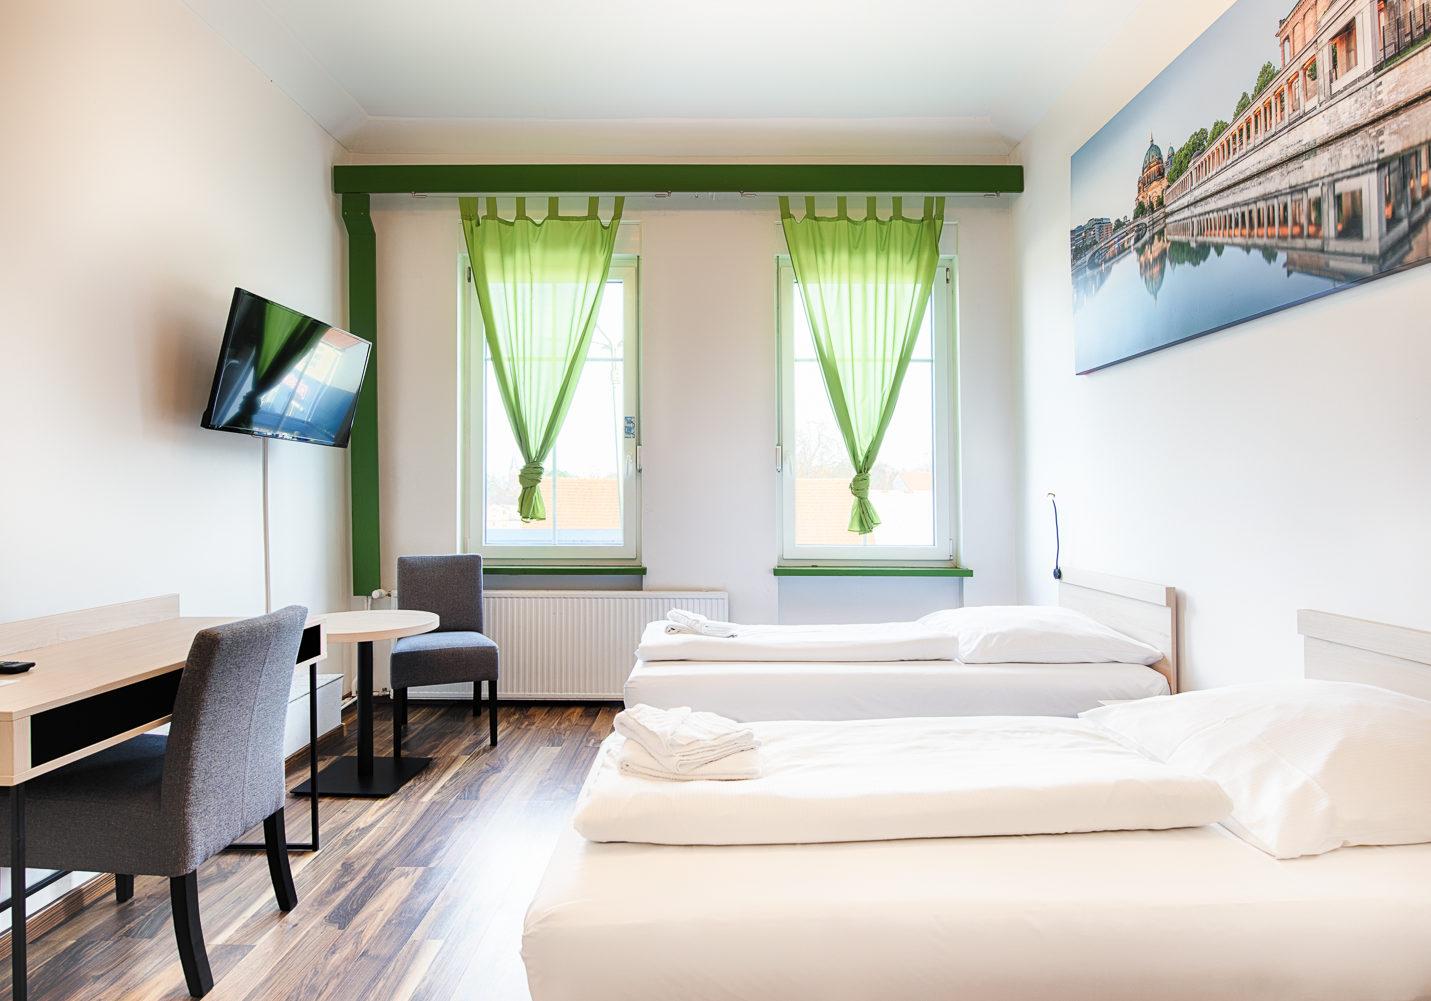 HOTEL_B1_A26_2BETT_1_klein